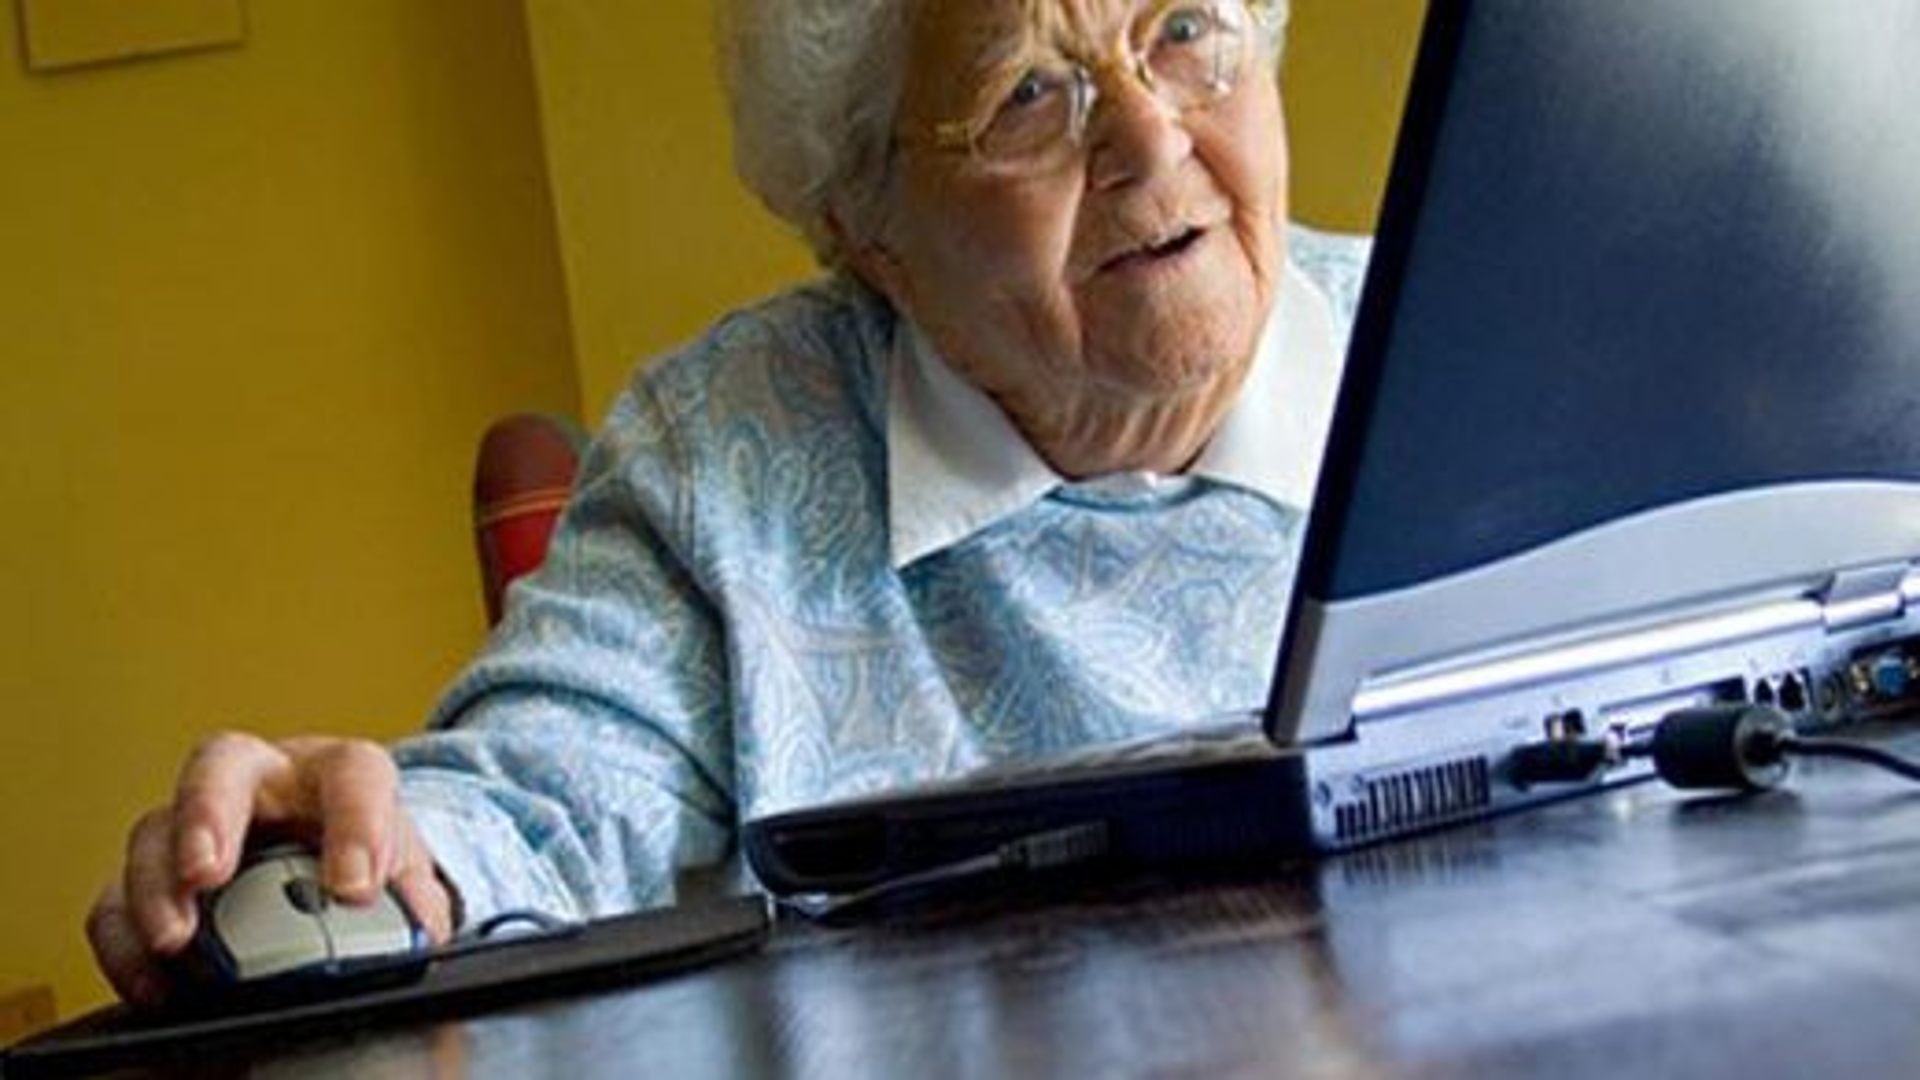 توصیه هایی برای داشتن زندگی سالم سالمندی | تگ